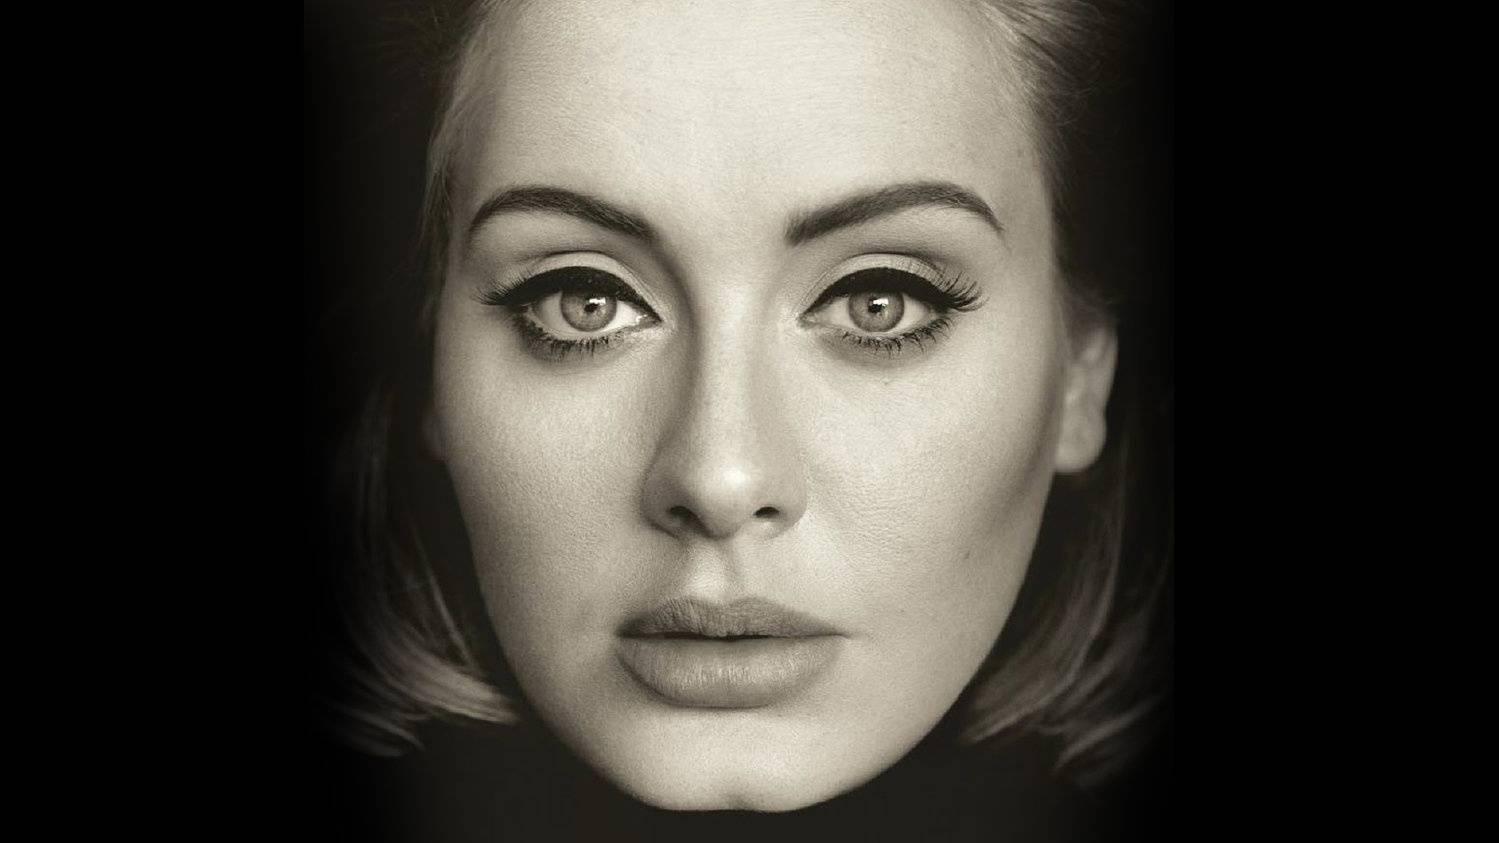 HITPARÁDY (20.): V Česku je nejposlouchanější Adele, rádia ji ale ignorují